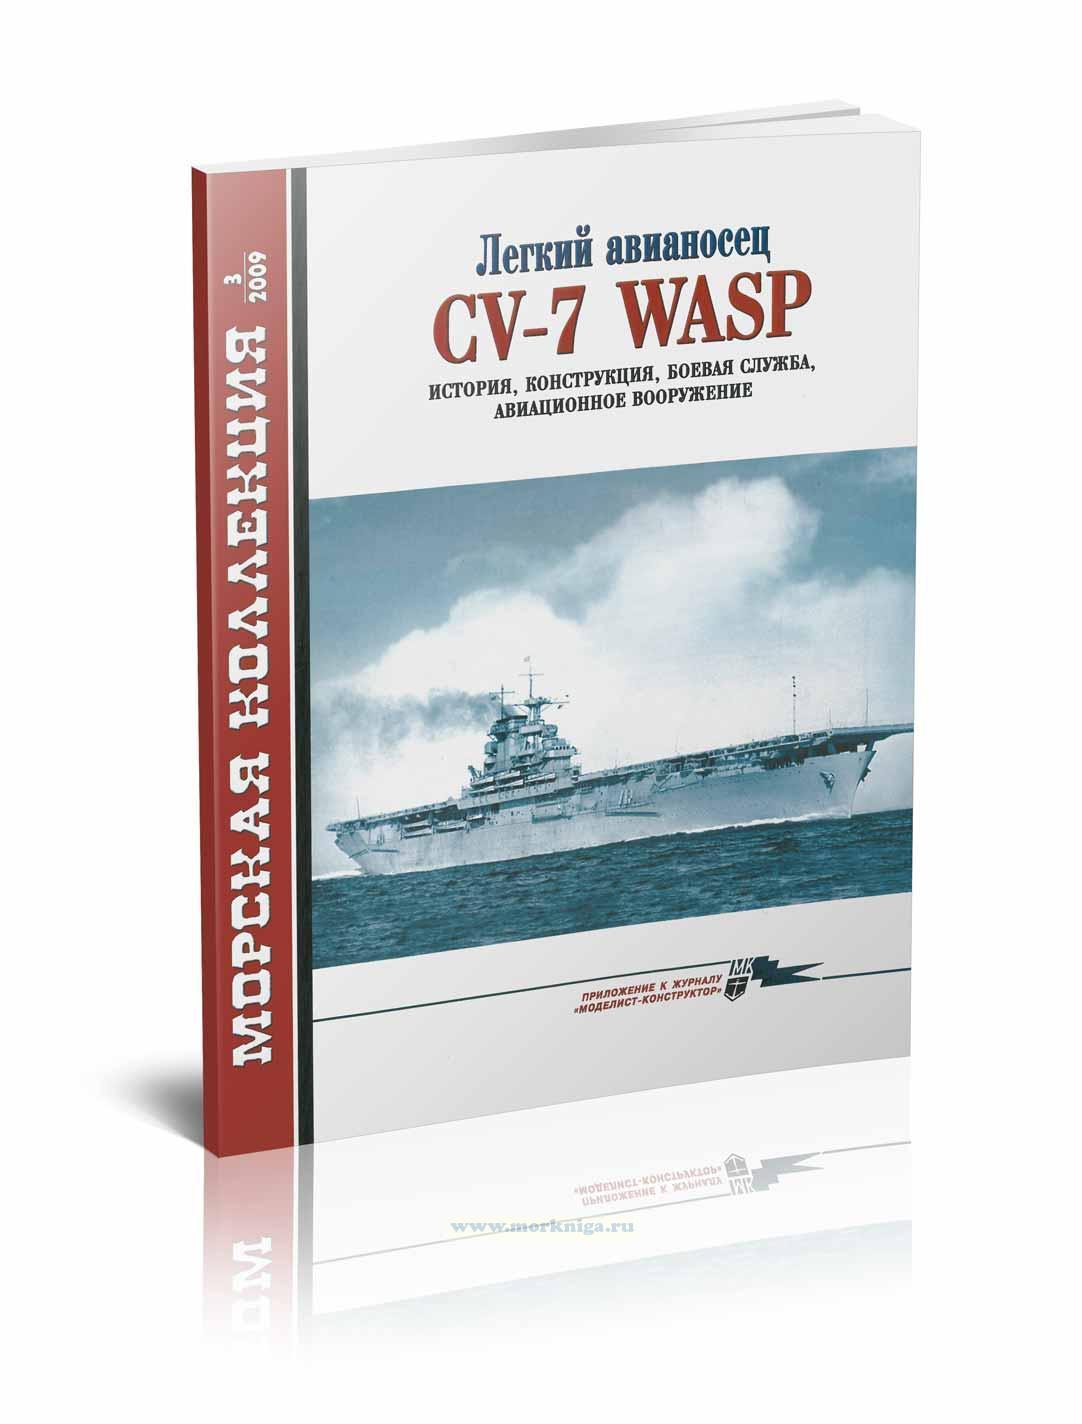 Легкий авианосец  CV-7 WASP история, конструкция, боевая служба, авиационное вооружение. Морская коллекция №3 (2009)